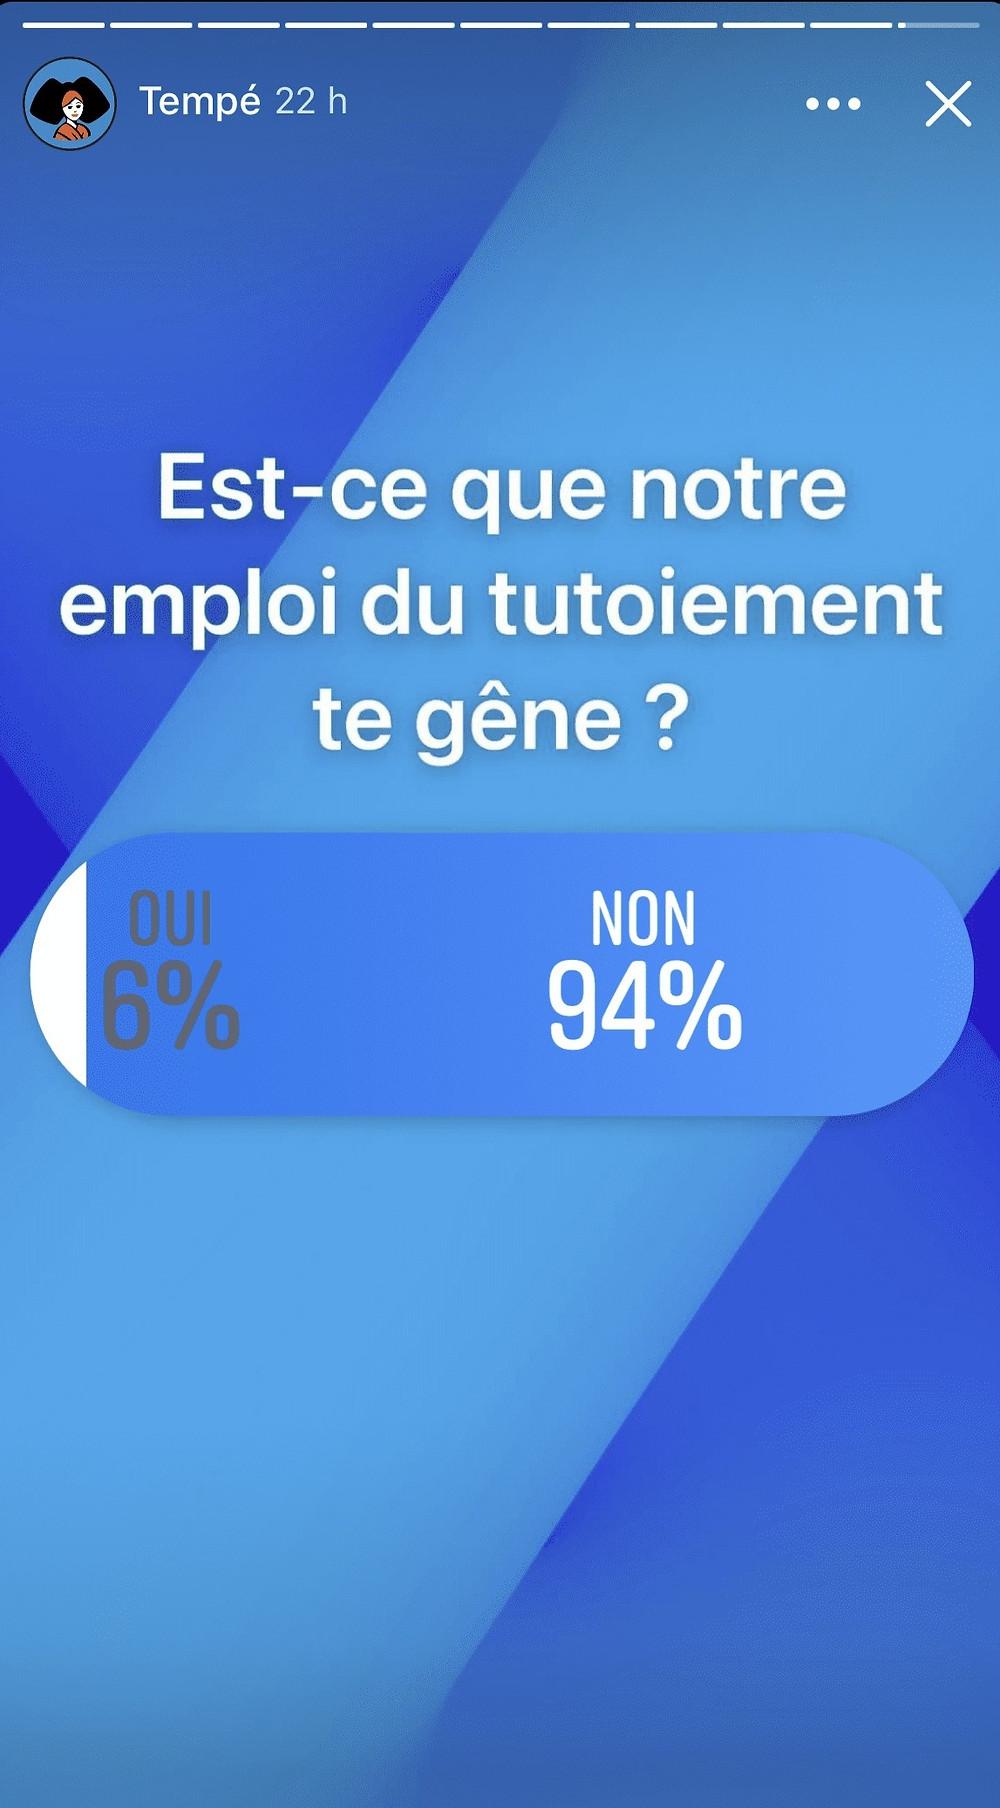 Image montrant le résultat d'un sondage sur le tutoiement dispensé par Tempé sur sa page Facebook. 94% des personnes interrogées ont répondu ne pas être gêné par le tutoiement.